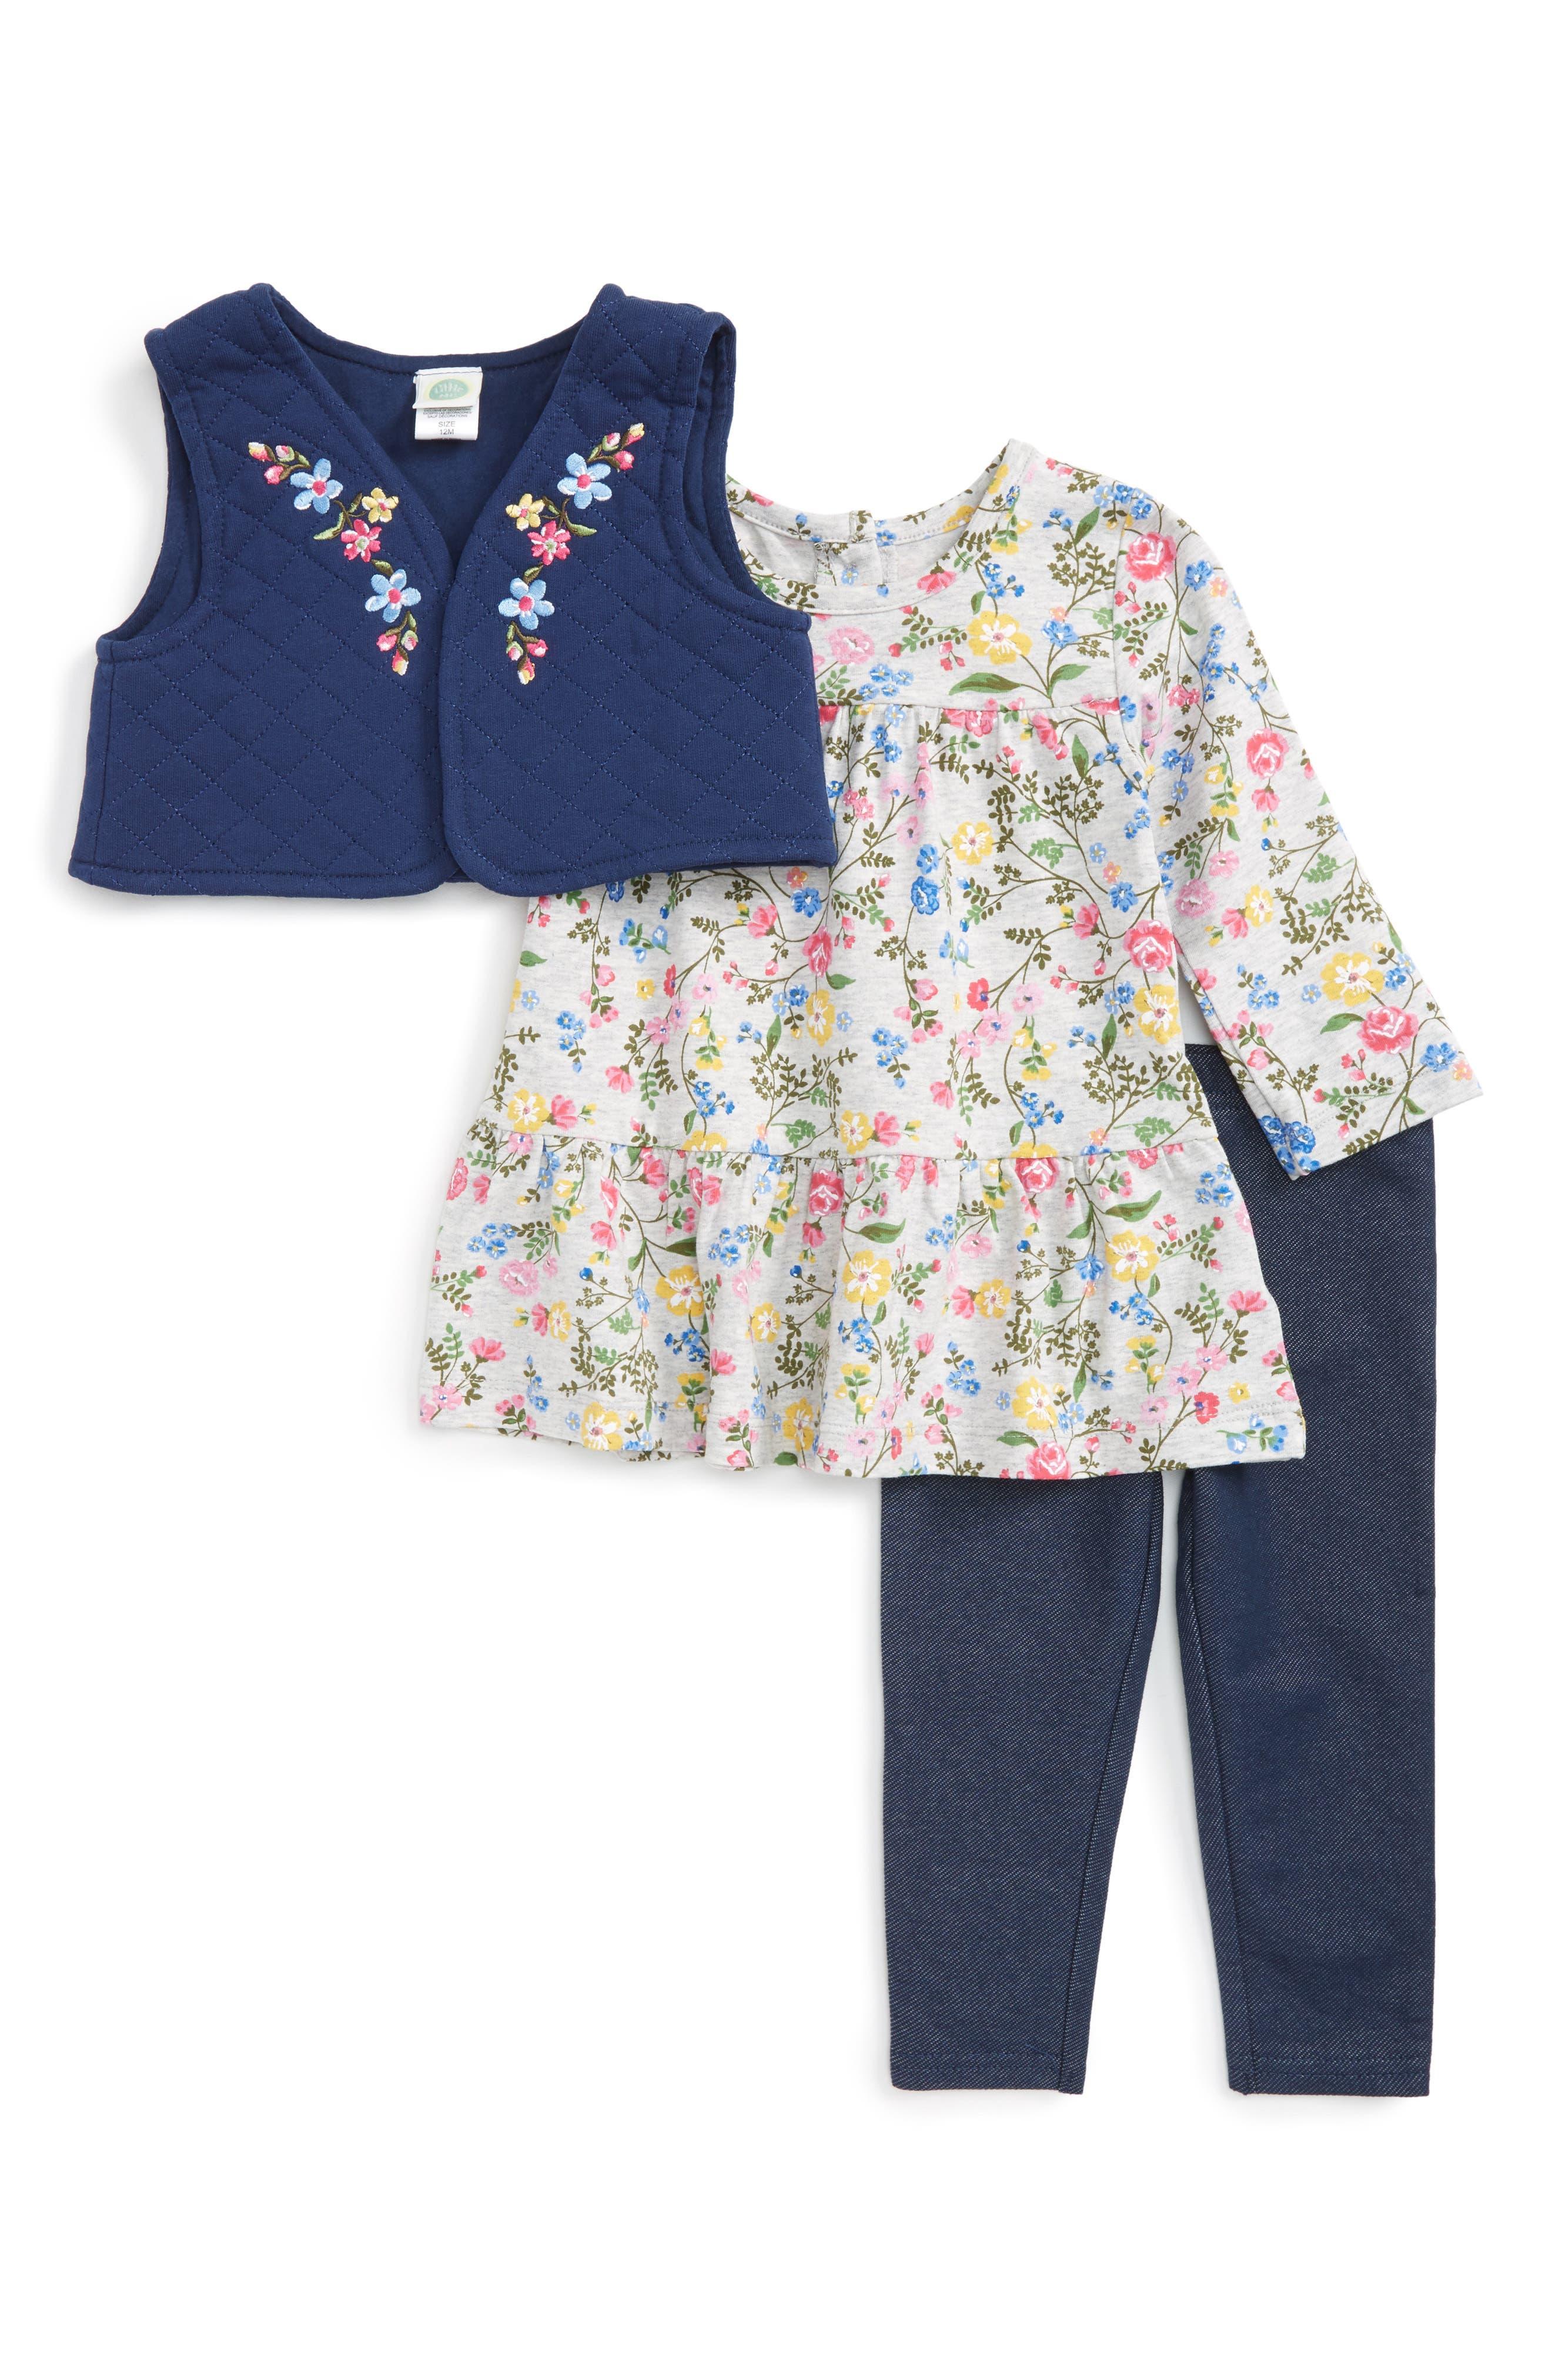 Alternate Image 1 Selected - Little Me Floral Vest, Shirt & Pants Set (Baby Girls)